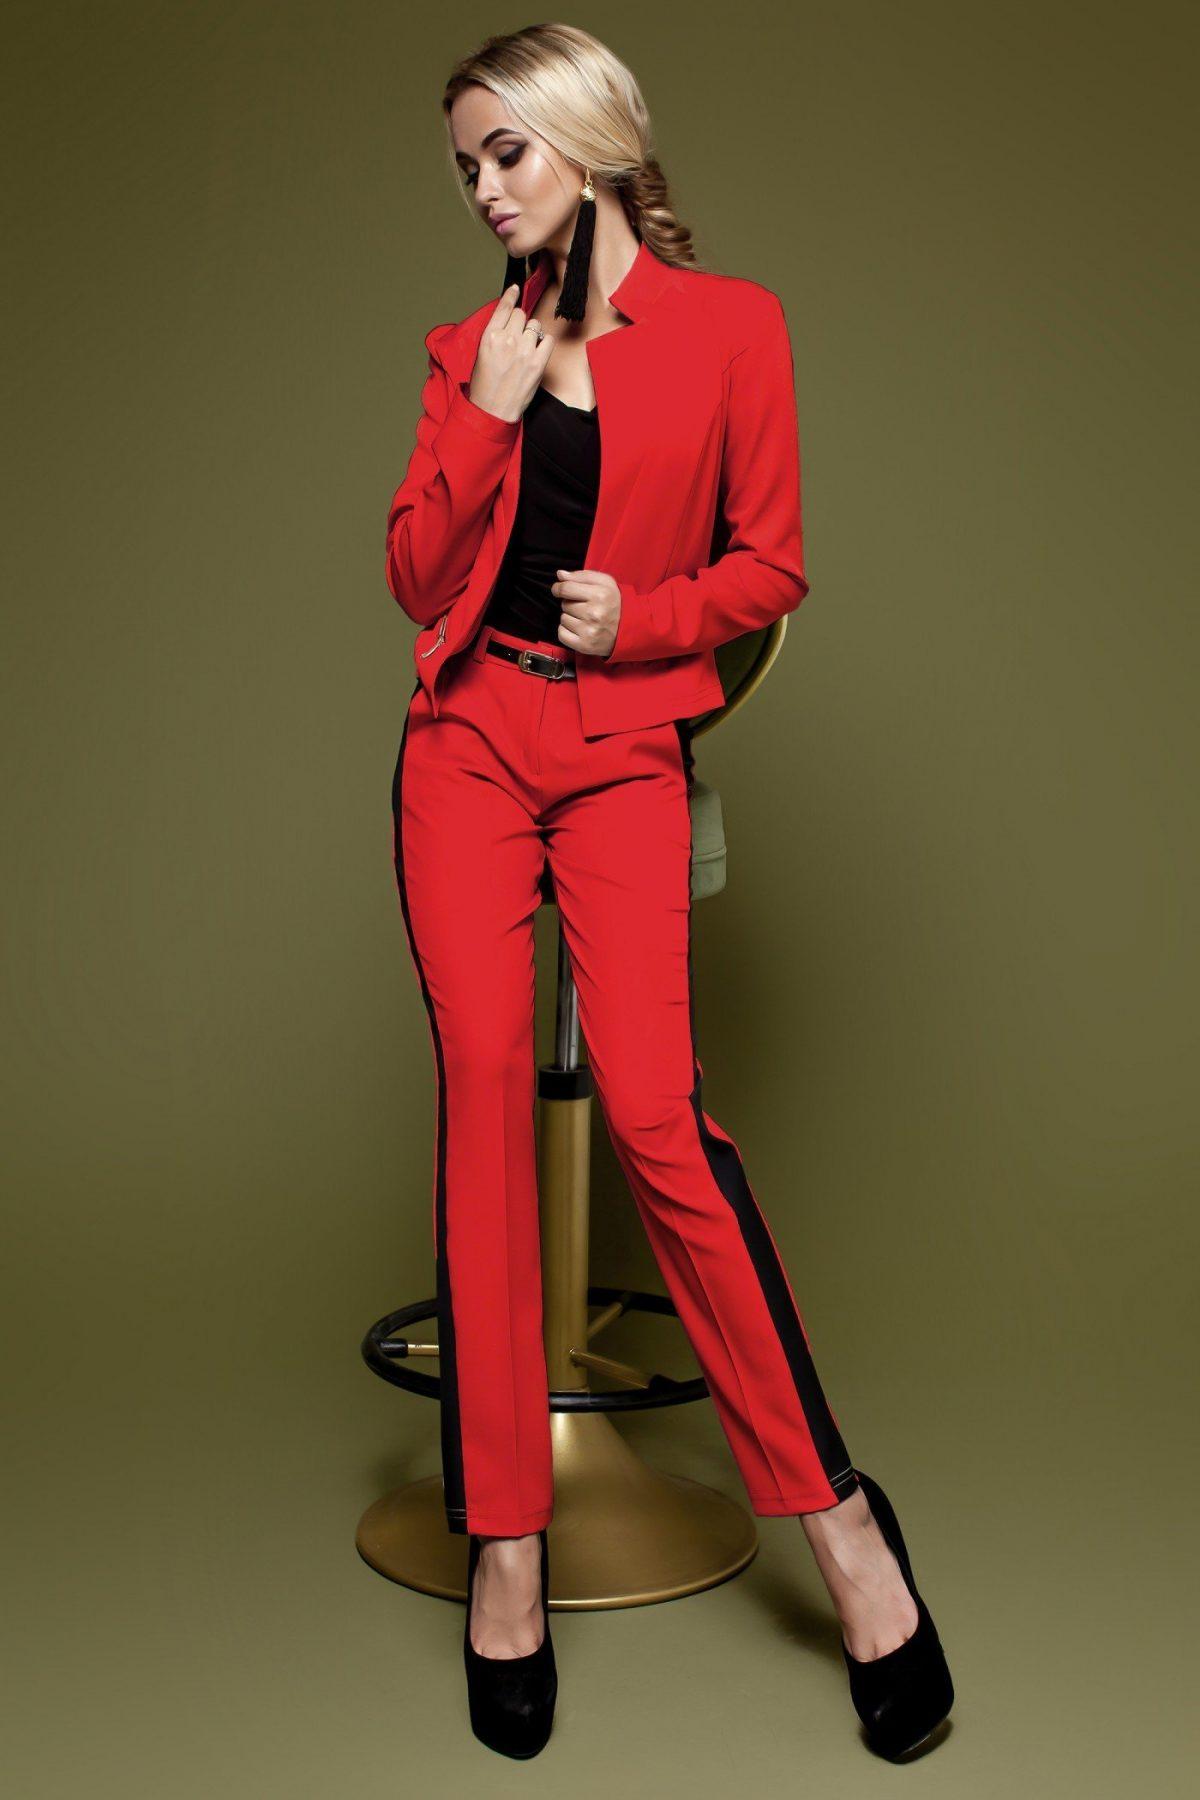 модные яркие костюмы красный женский 2018 2019 год с лампасами